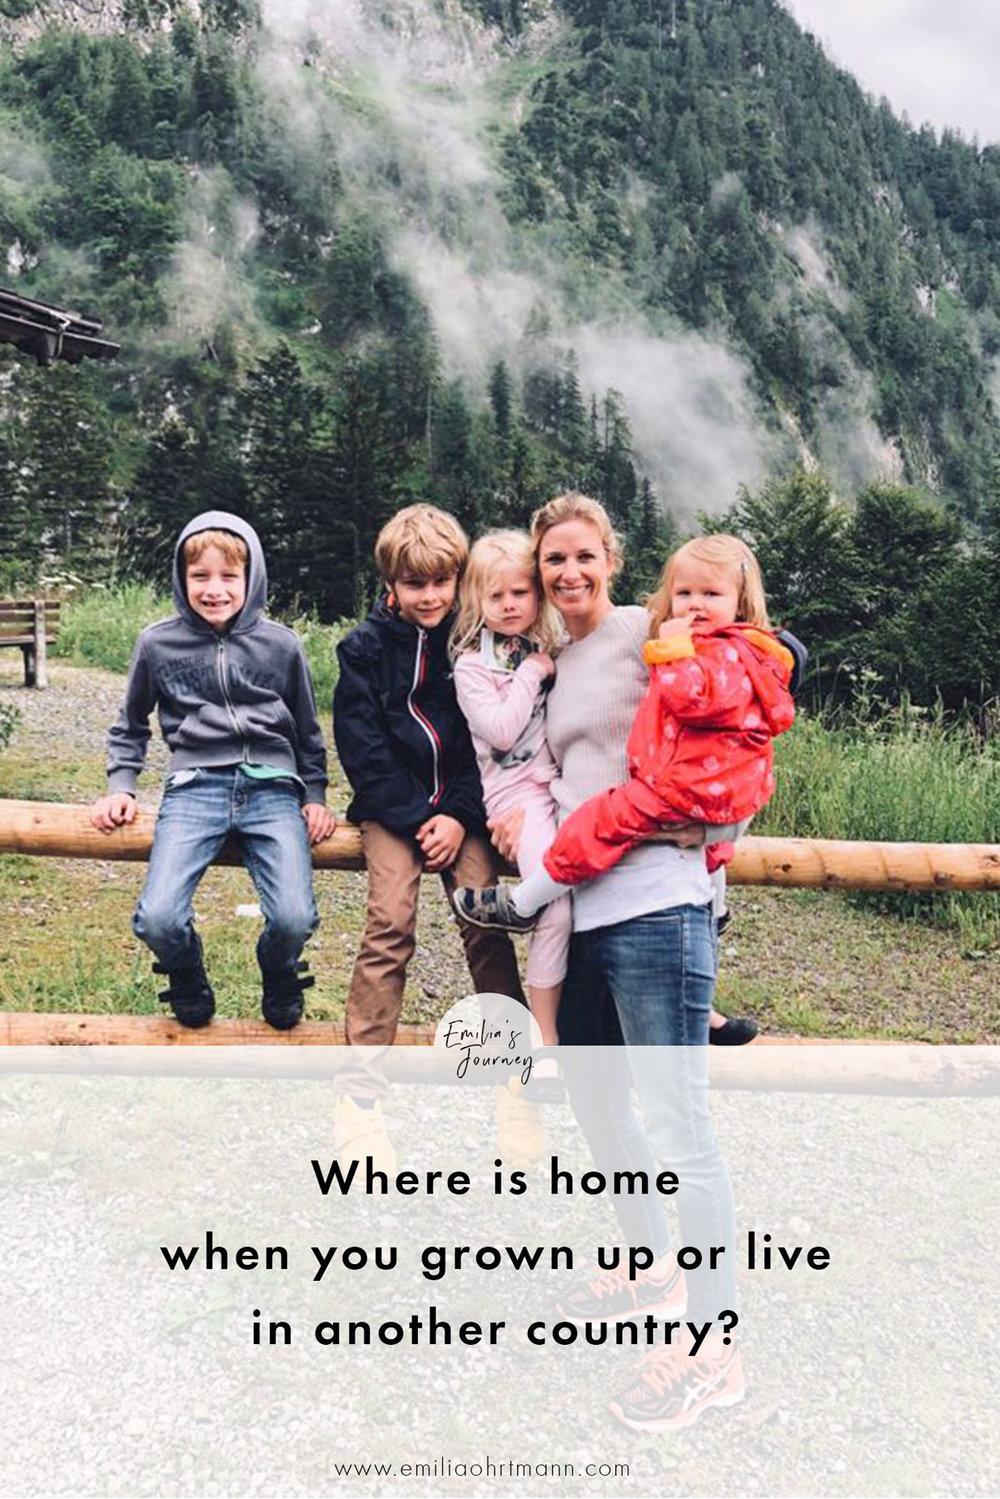 Where is home as an expat | Emilia Ohrtmann